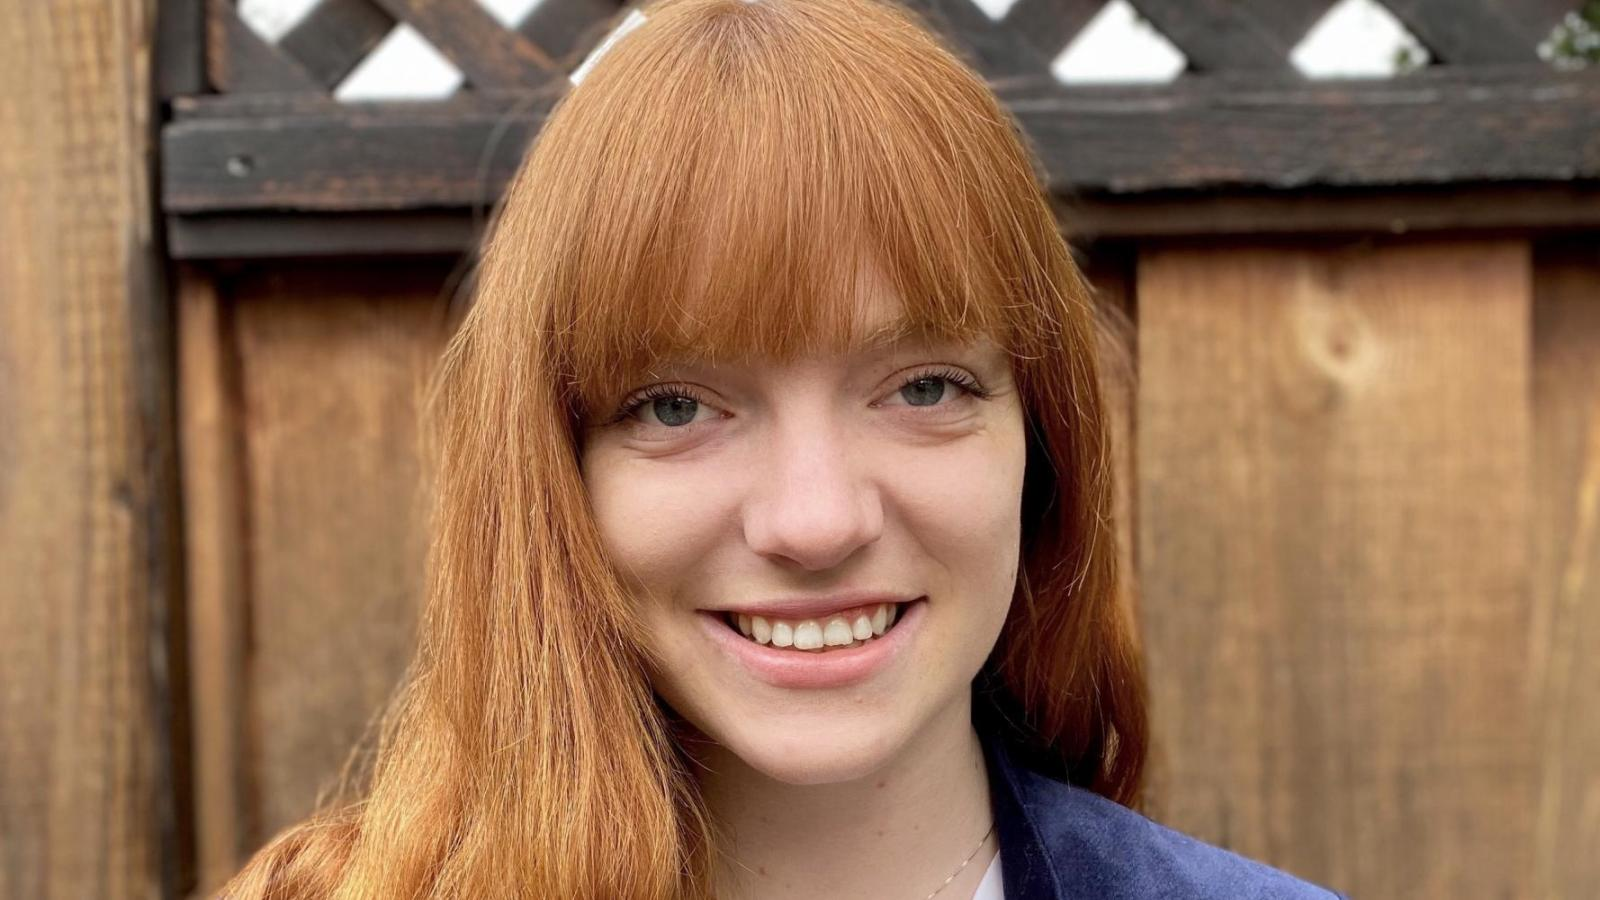 Makena Lambert